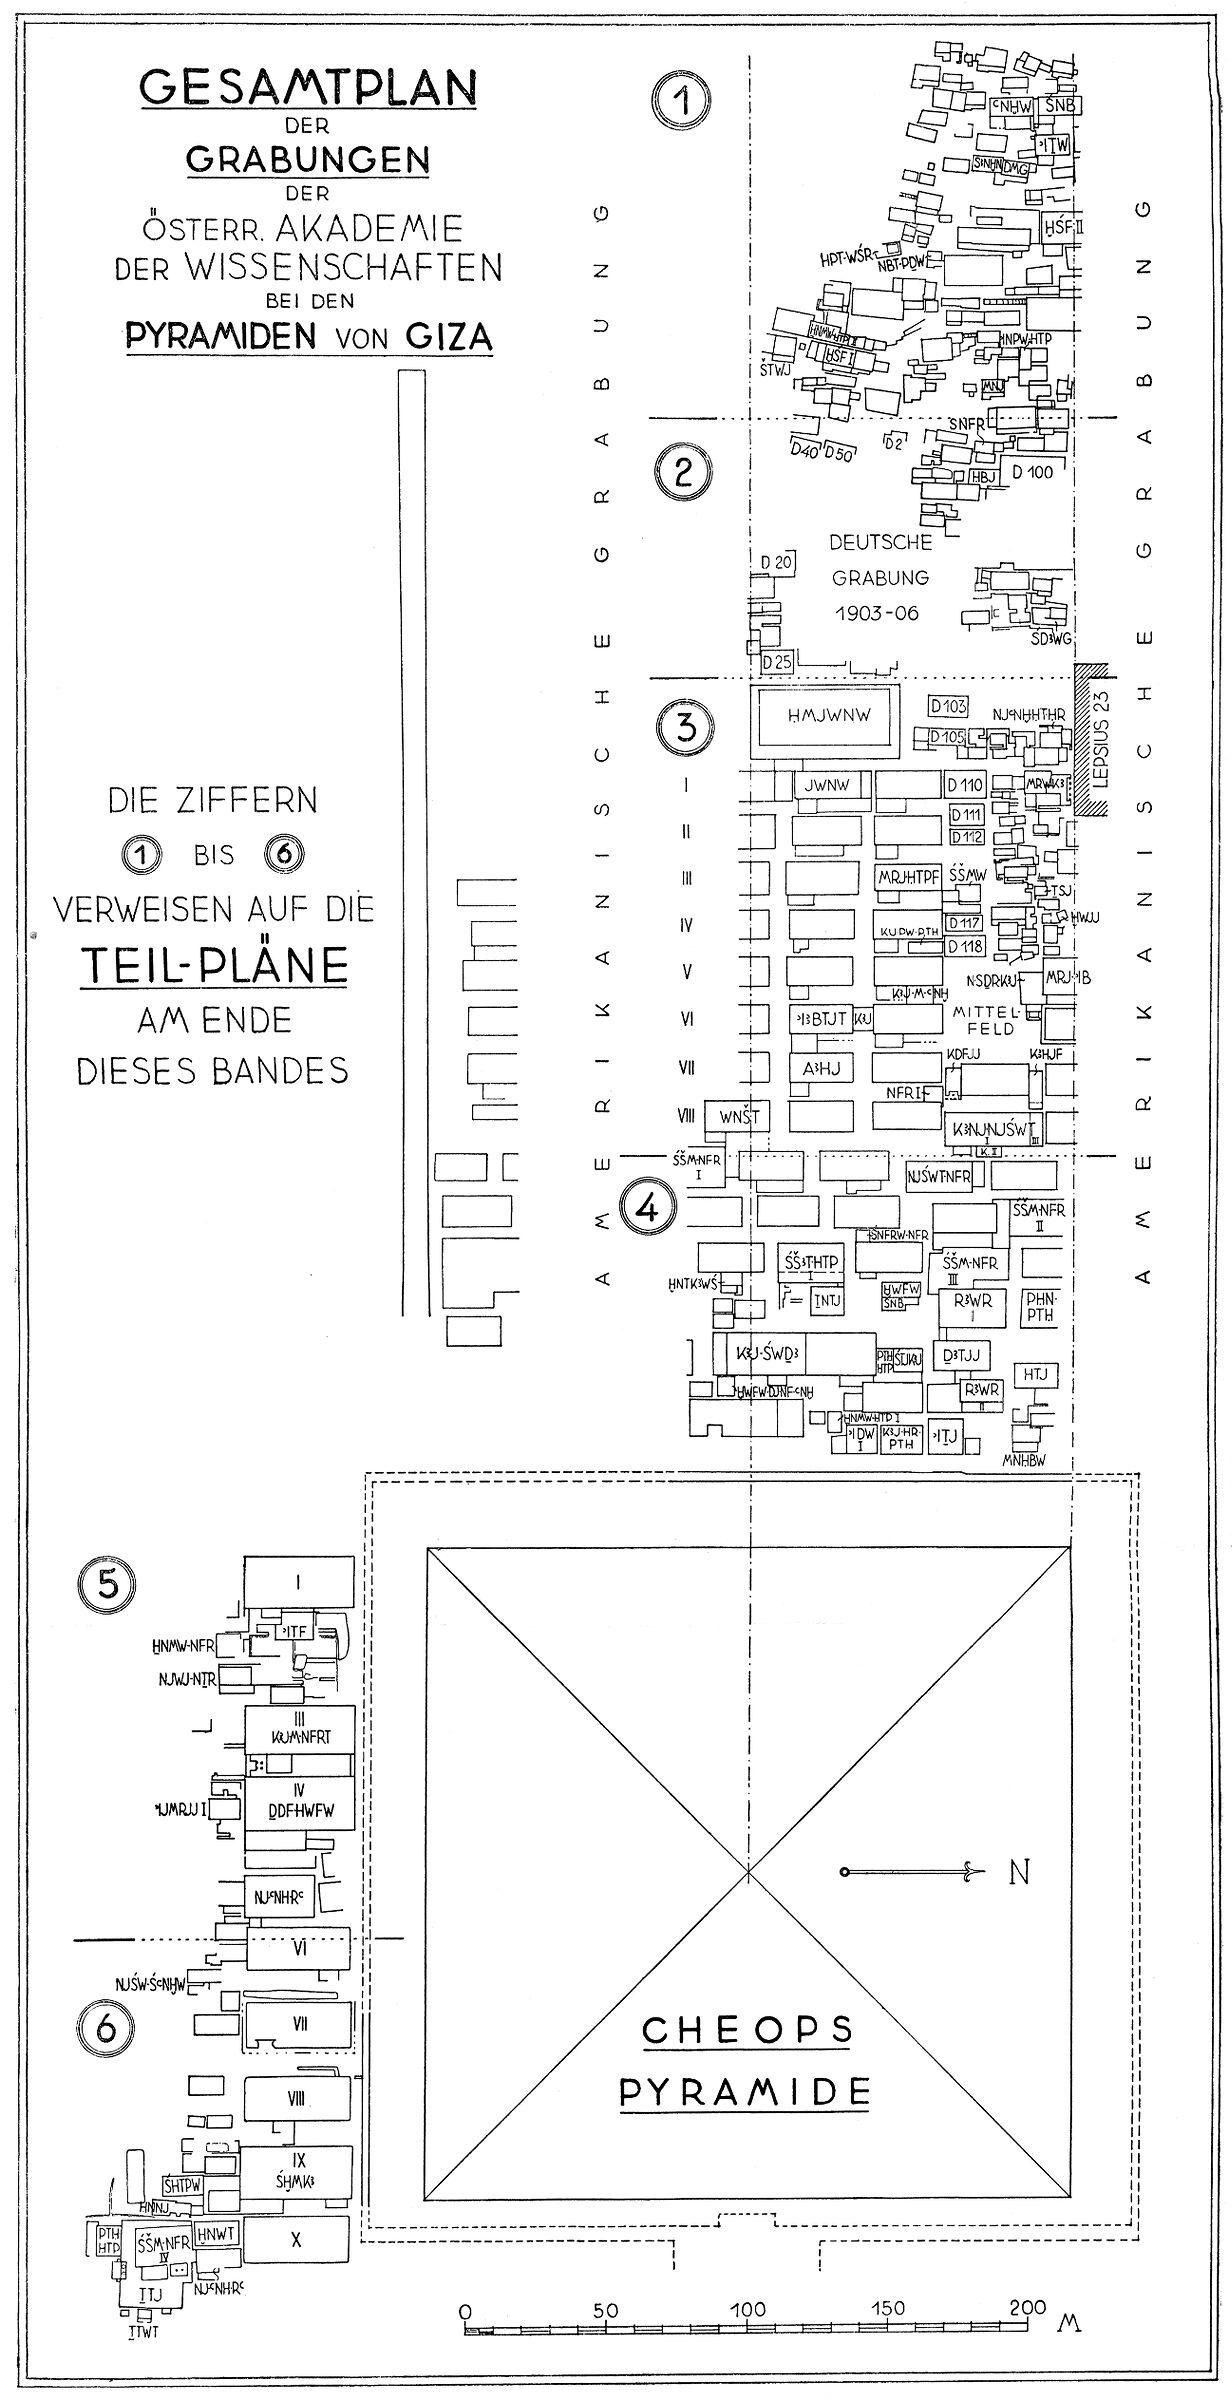 Maps and plans: Composite Plan of German-Austrian Excavation Concession